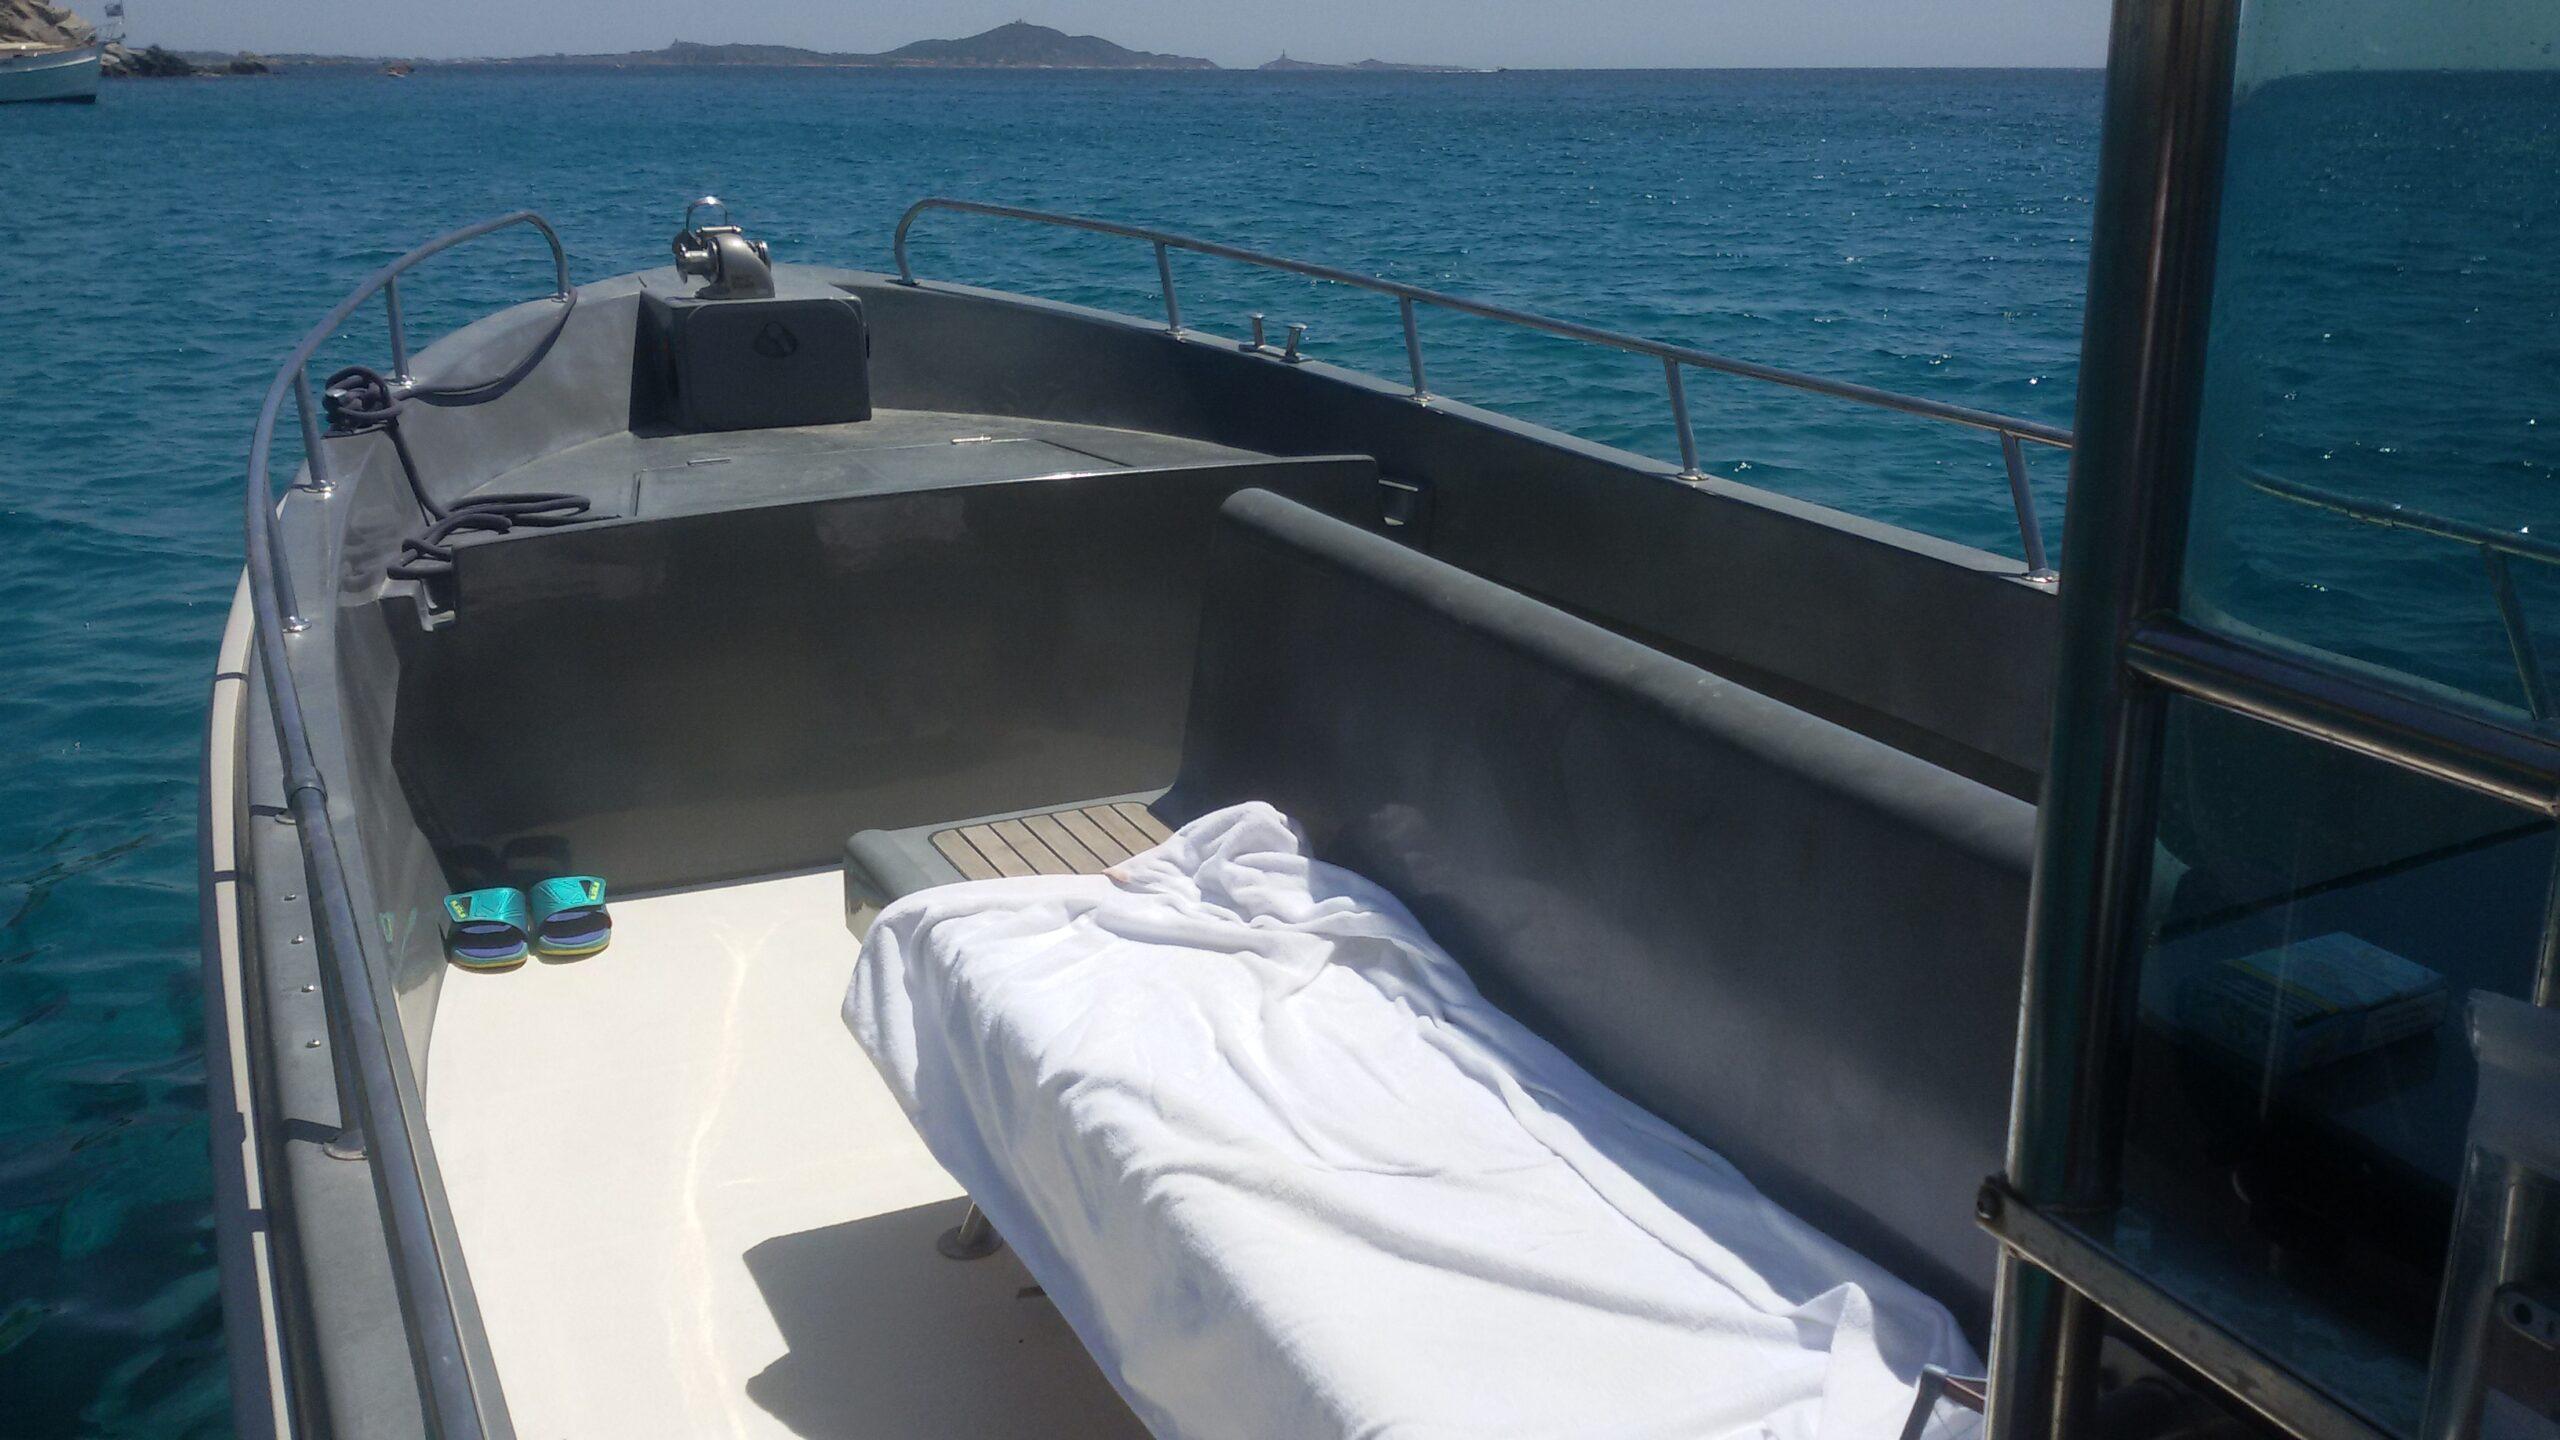 Noleggio barca a motore Cagliari (2)